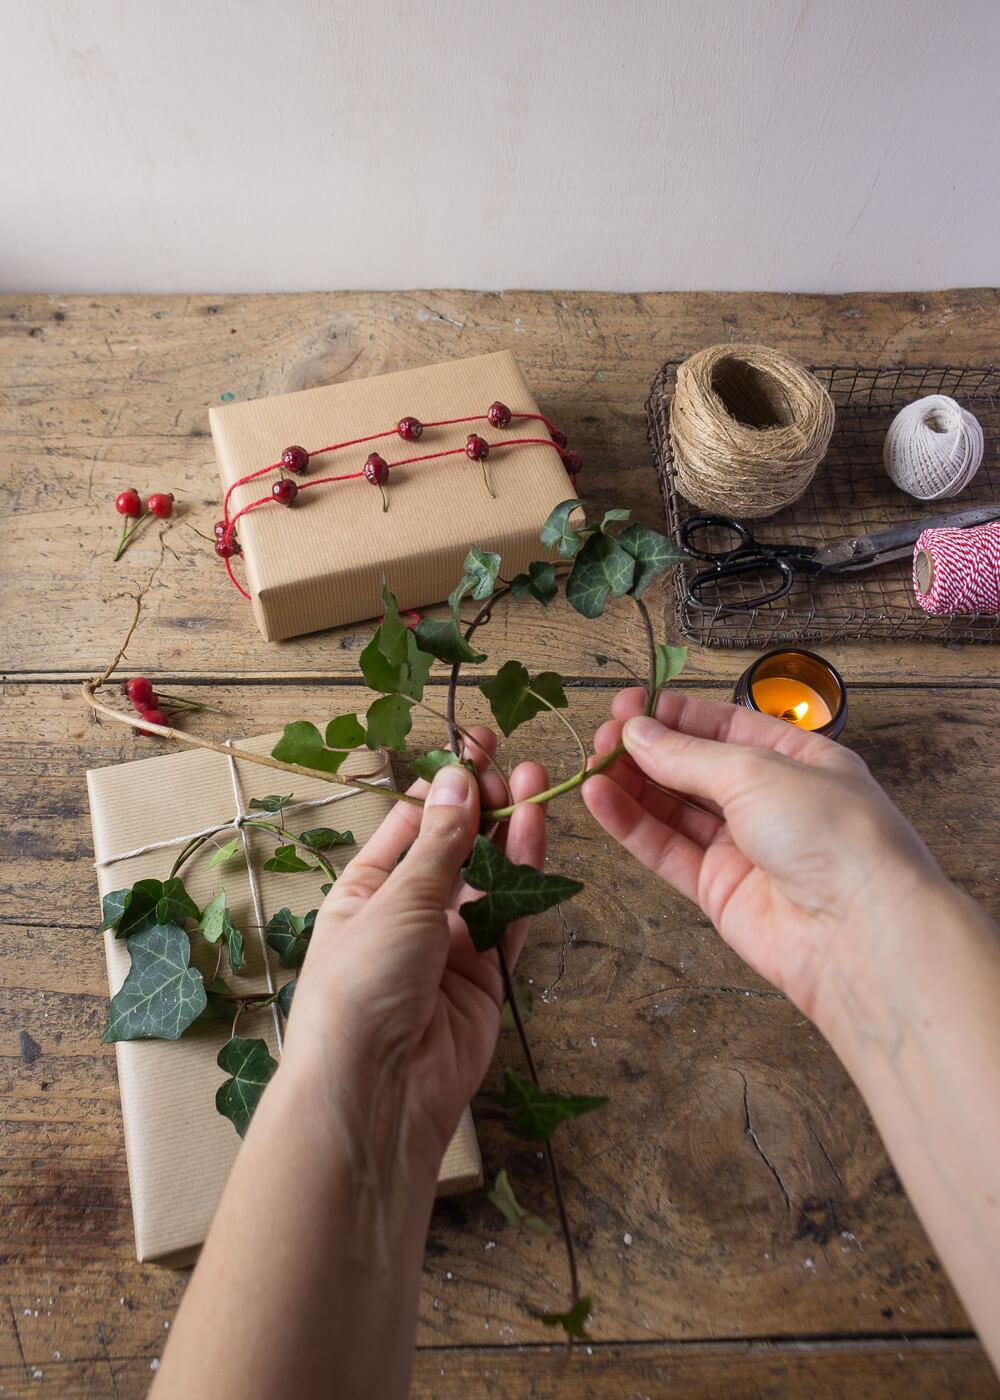 Impacchettare i regali di Natale con il linguaggio dei fiori - Ghirlande di Edera - Lily&Sage Design